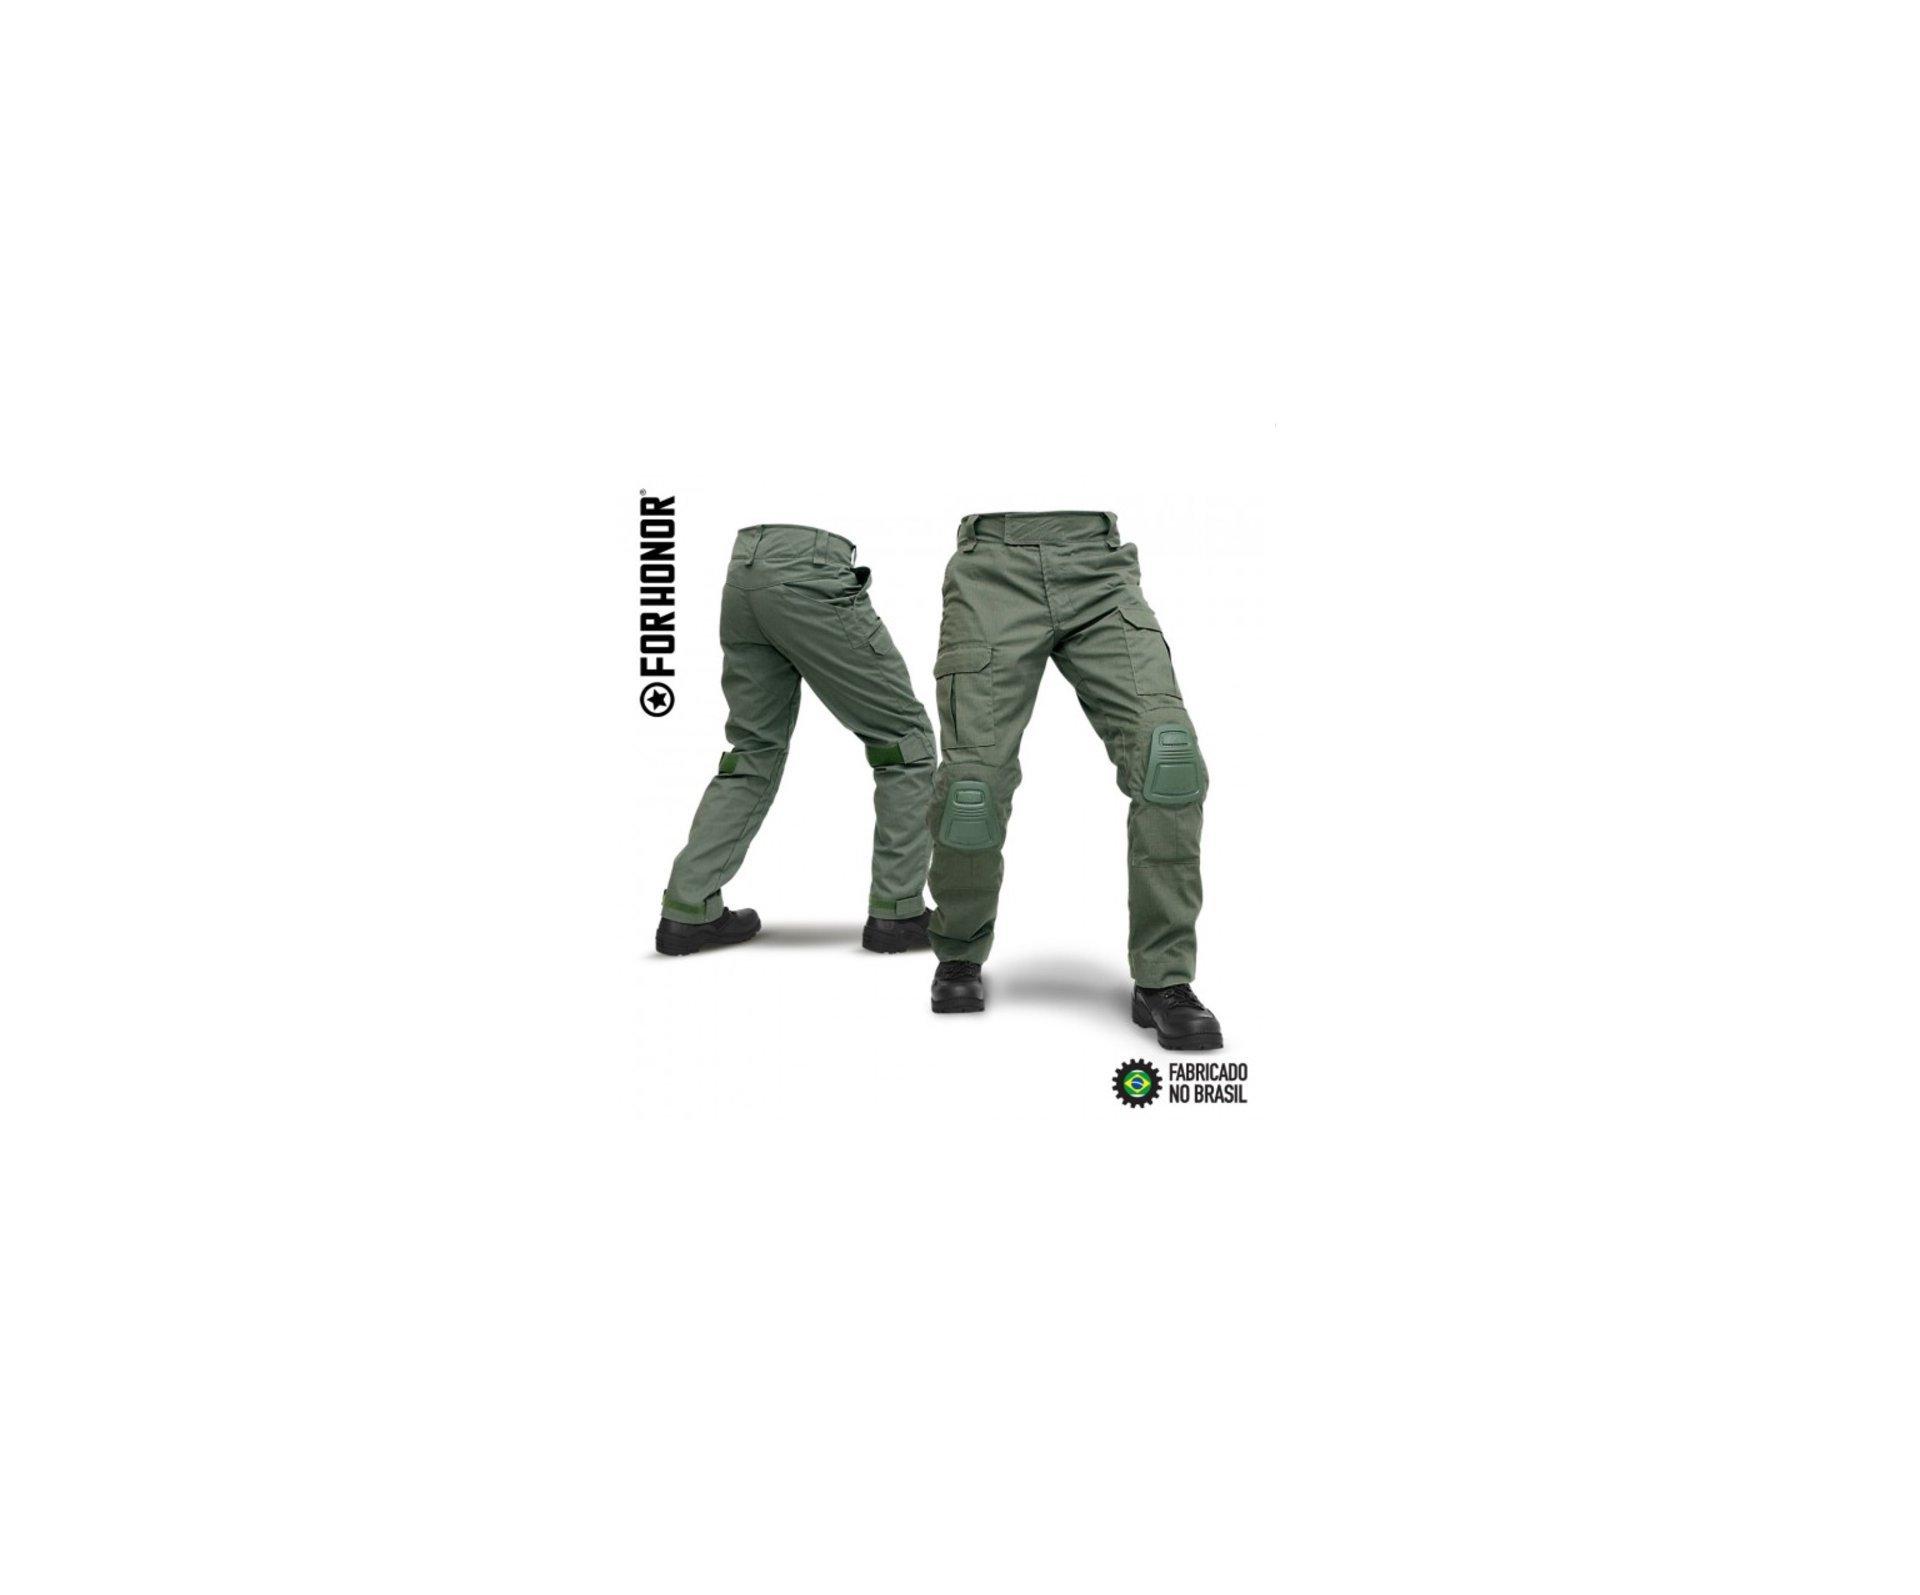 Calça Tatica Com Joelheira F3 Verde Oliva - Forhonor - P